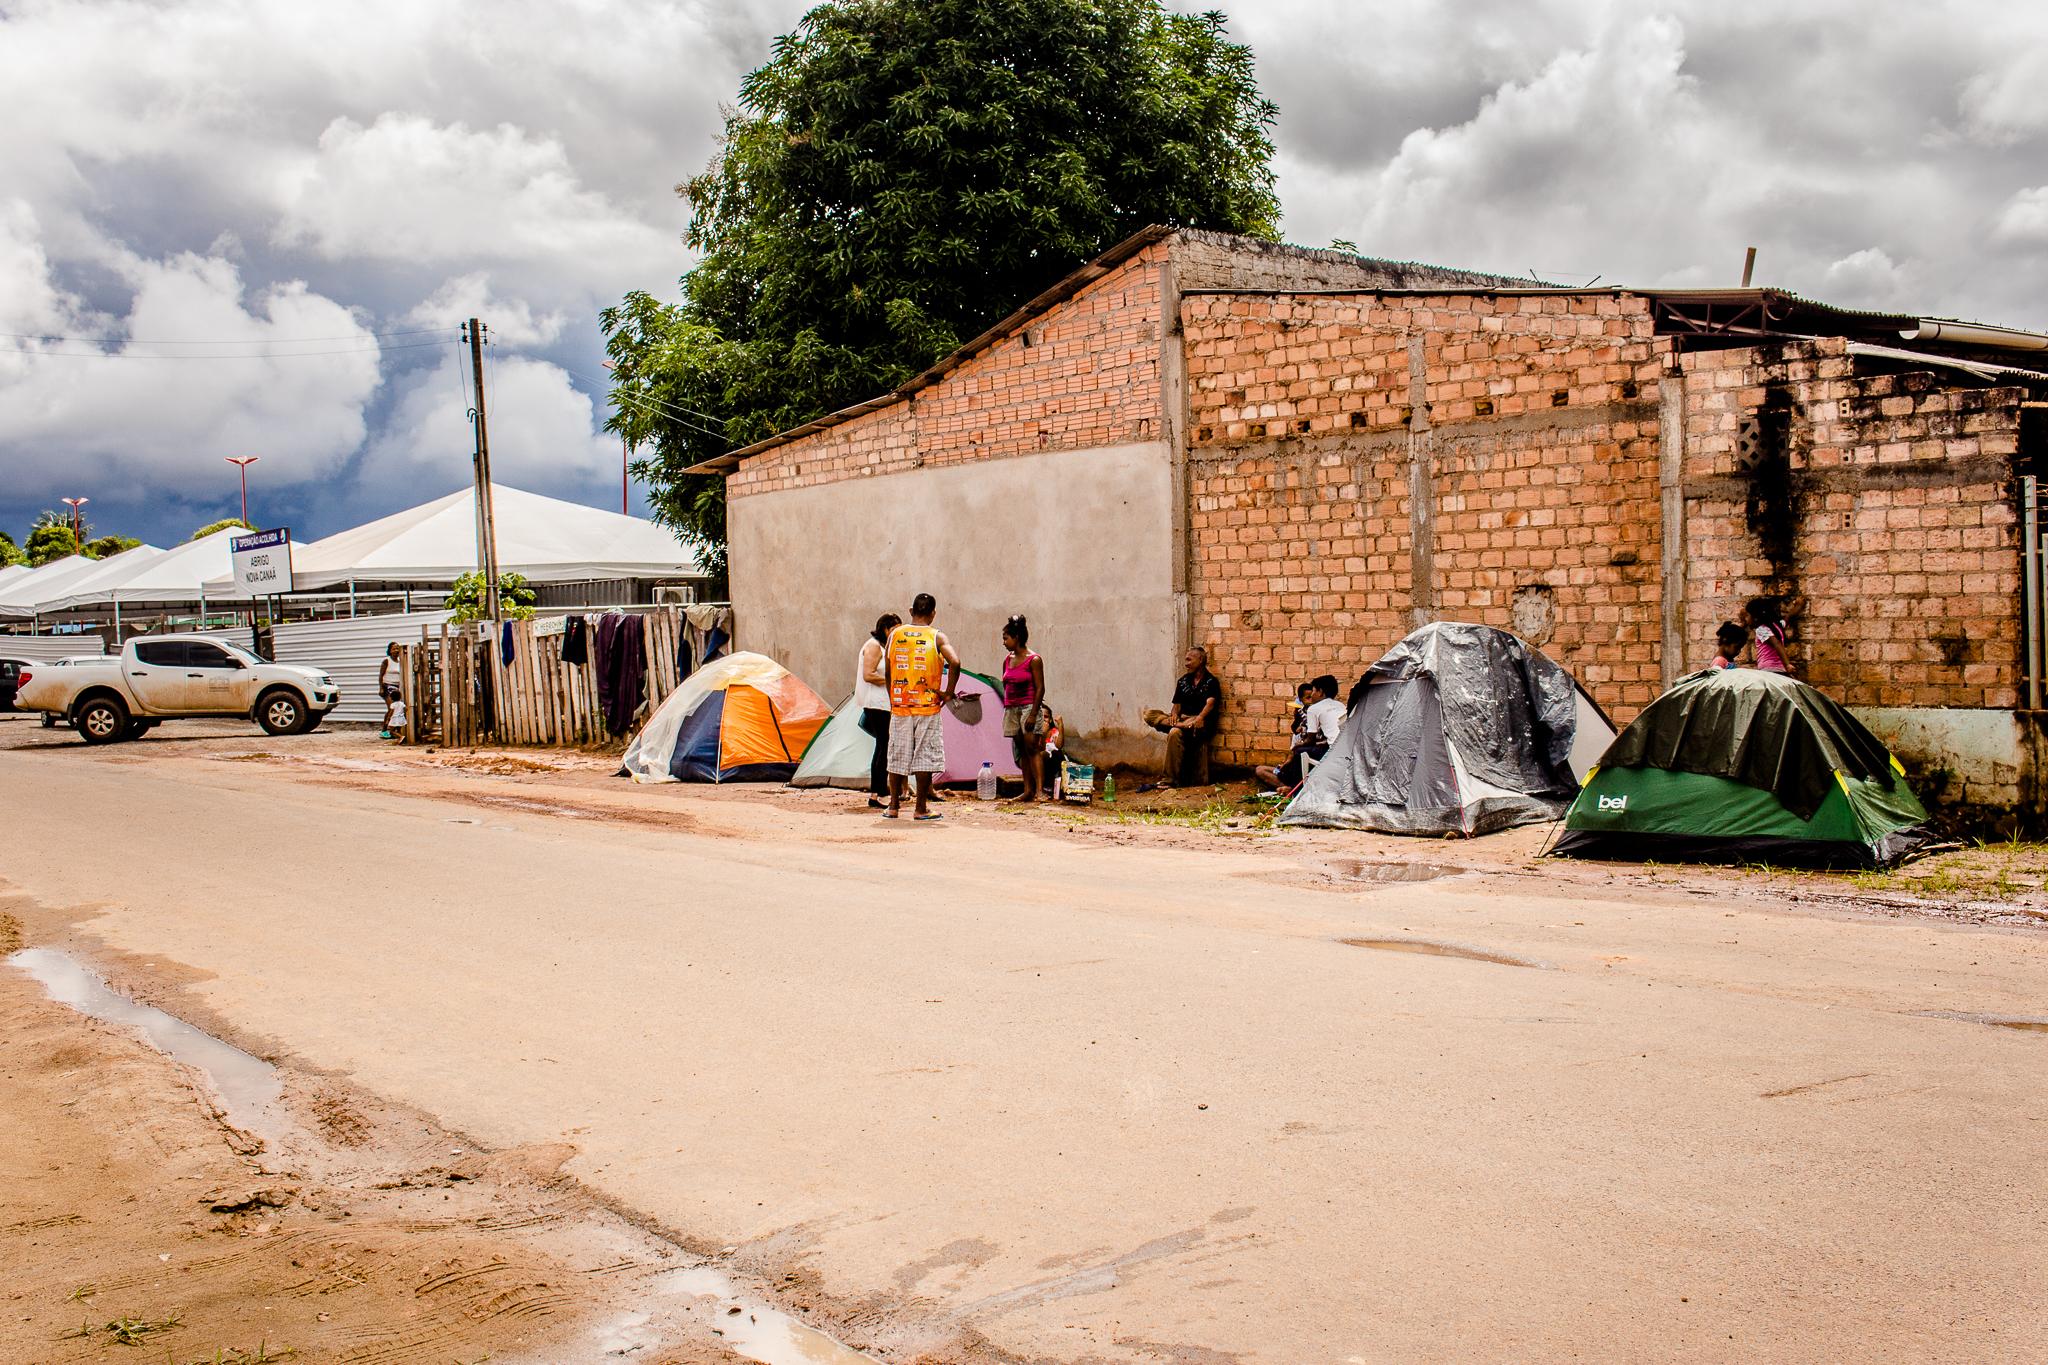 Migrante cidadão: ONU alerta para violações contra mulheres e LGBTs em Roraima